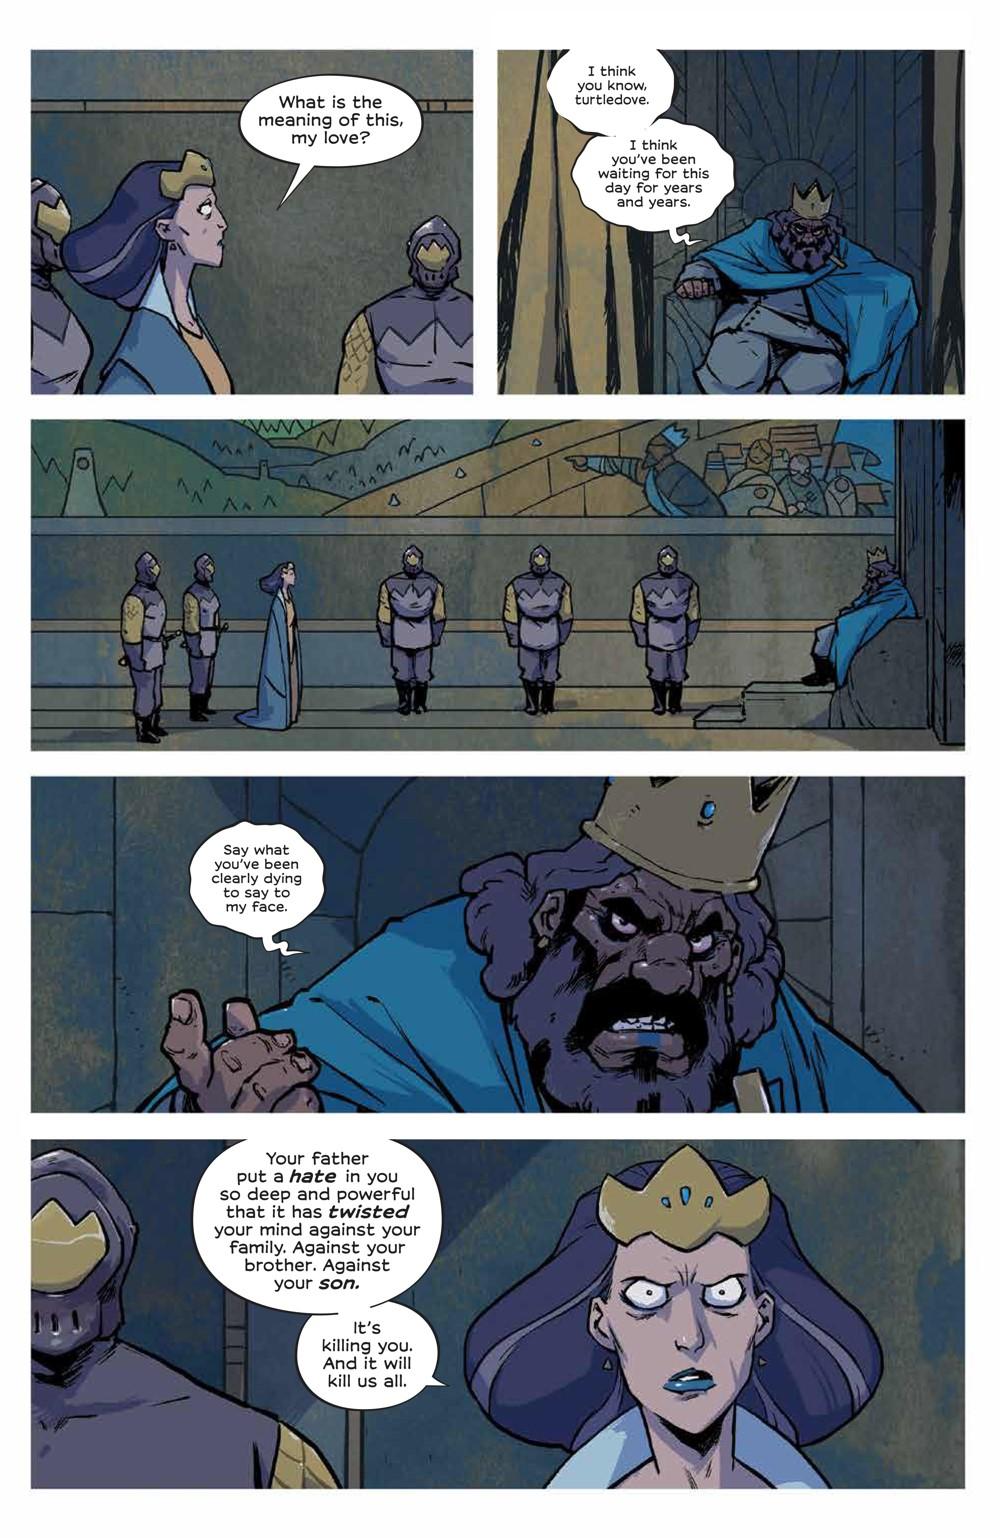 Wynd_009_PRESS_4 ComicList Previews: WYND #9